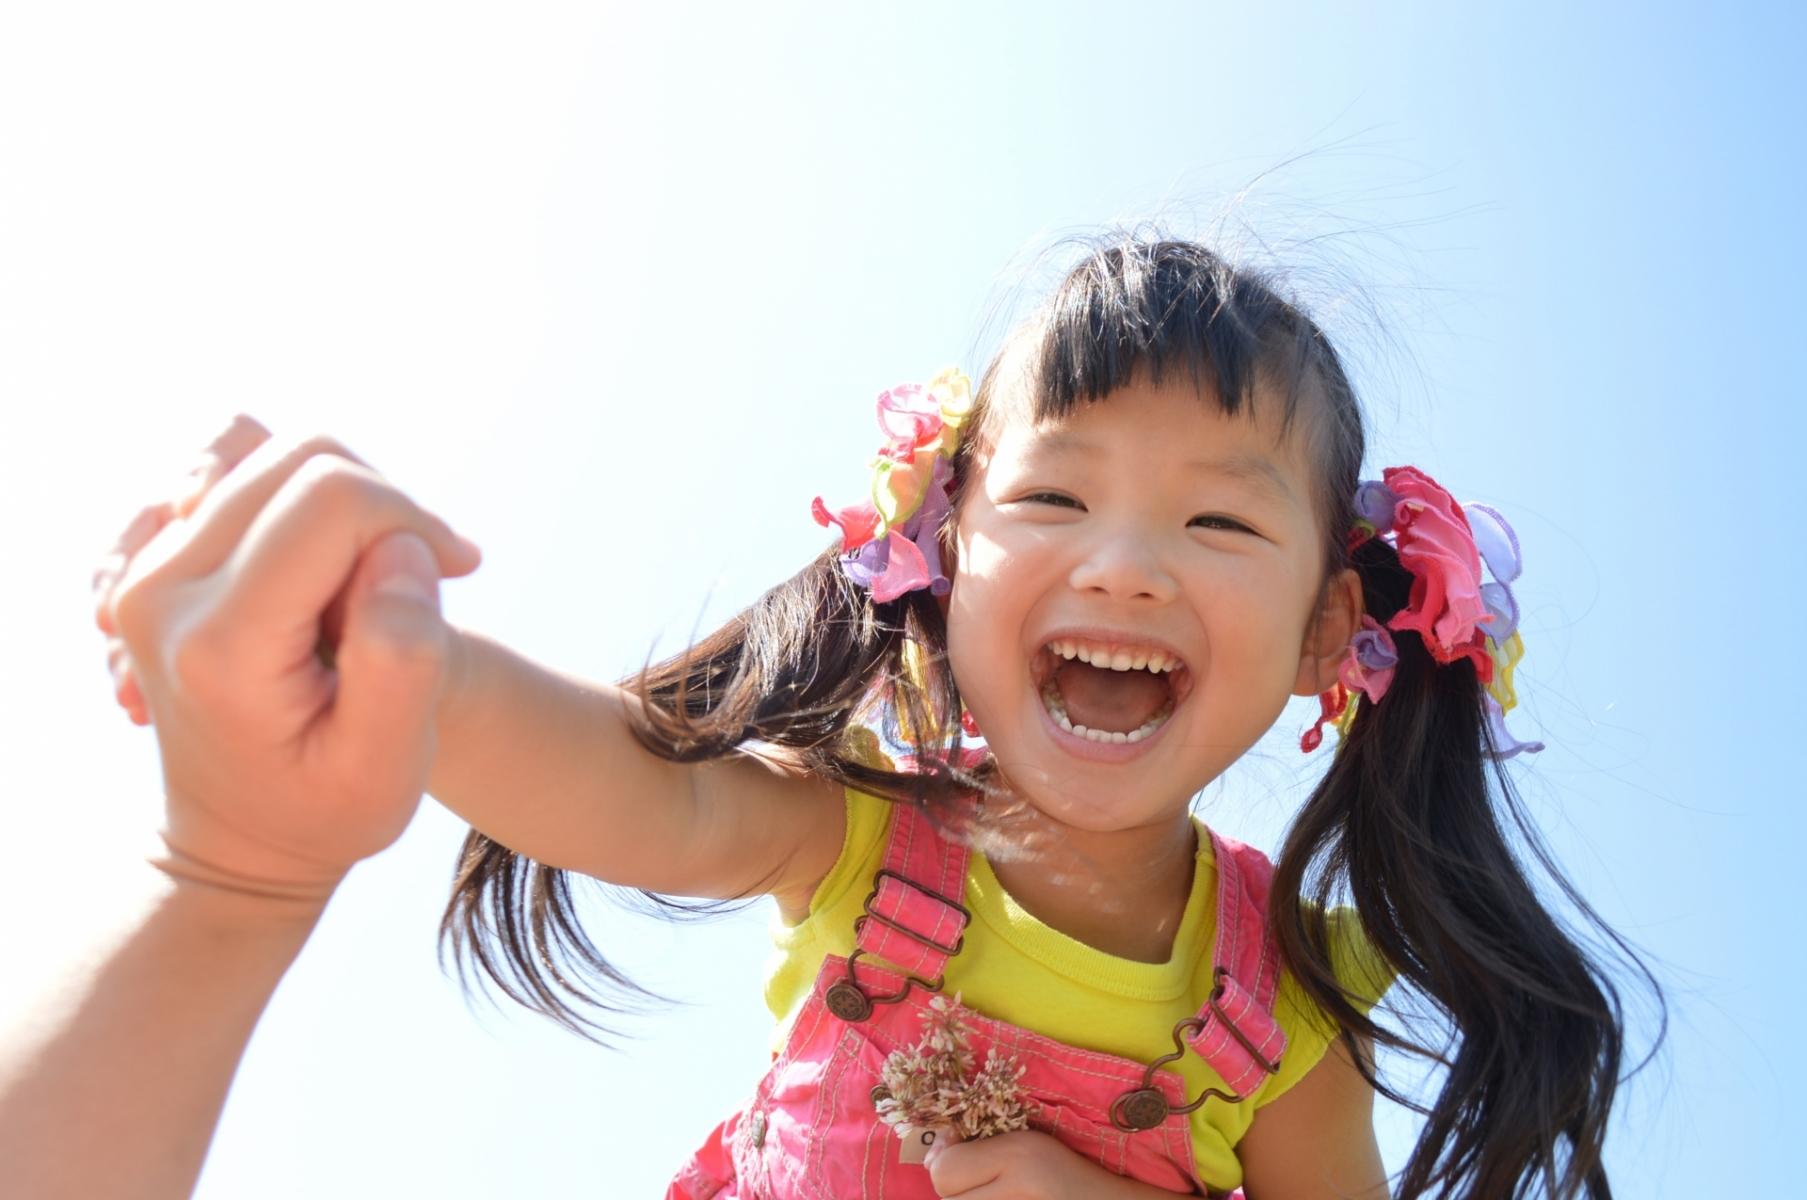 和歌山こまつ歯科インプラントクリニックが行う光り輝く歯を取り戻すホワイトニング